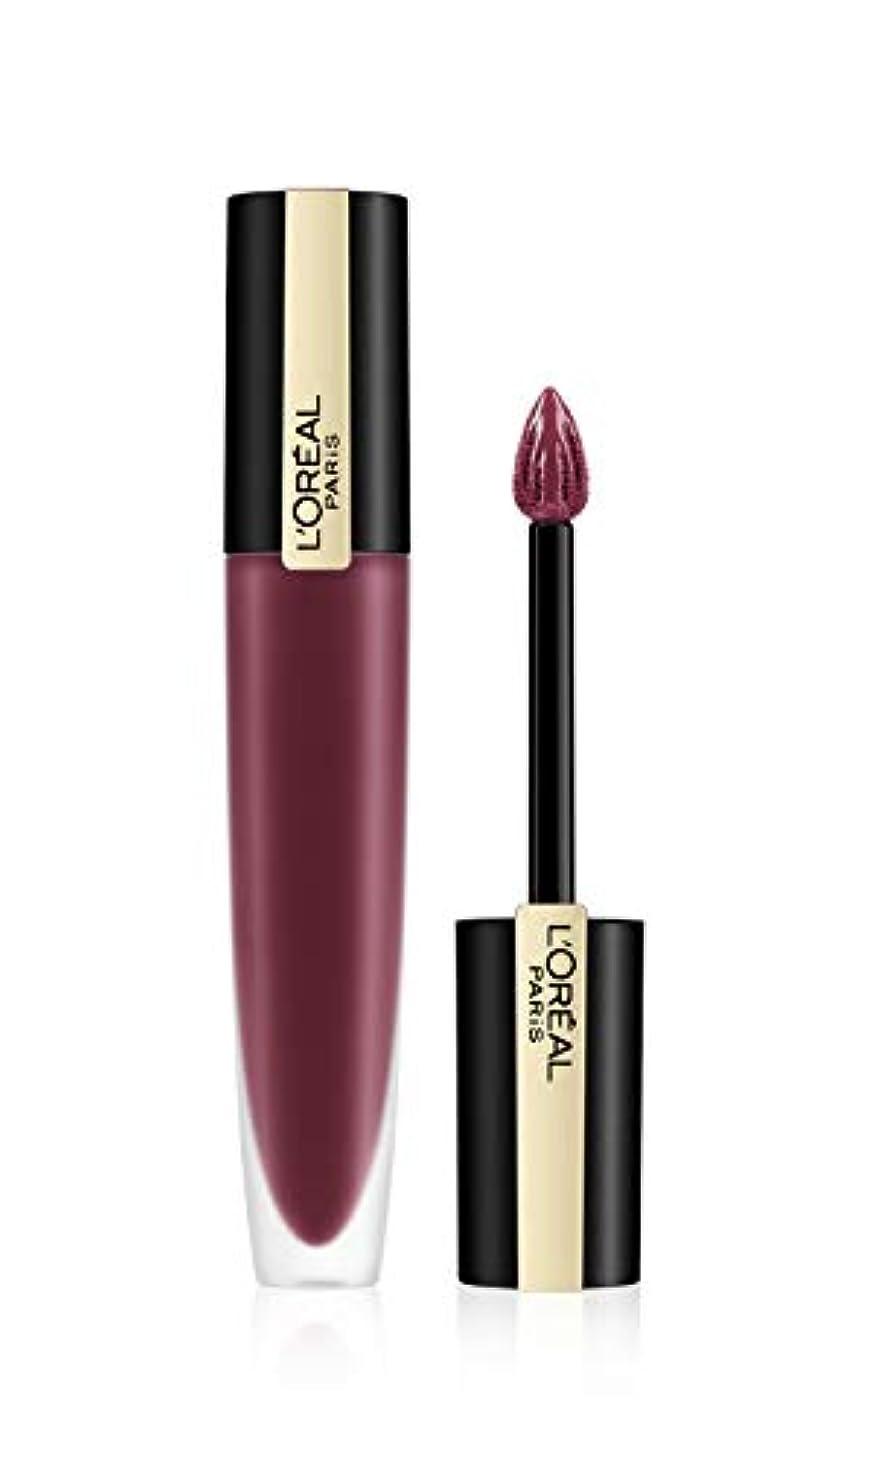 凍るおもてなし製造L'Oreal Paris Rouge Signature Matte Liquid Lipstick,103 I Enjoy, 7g